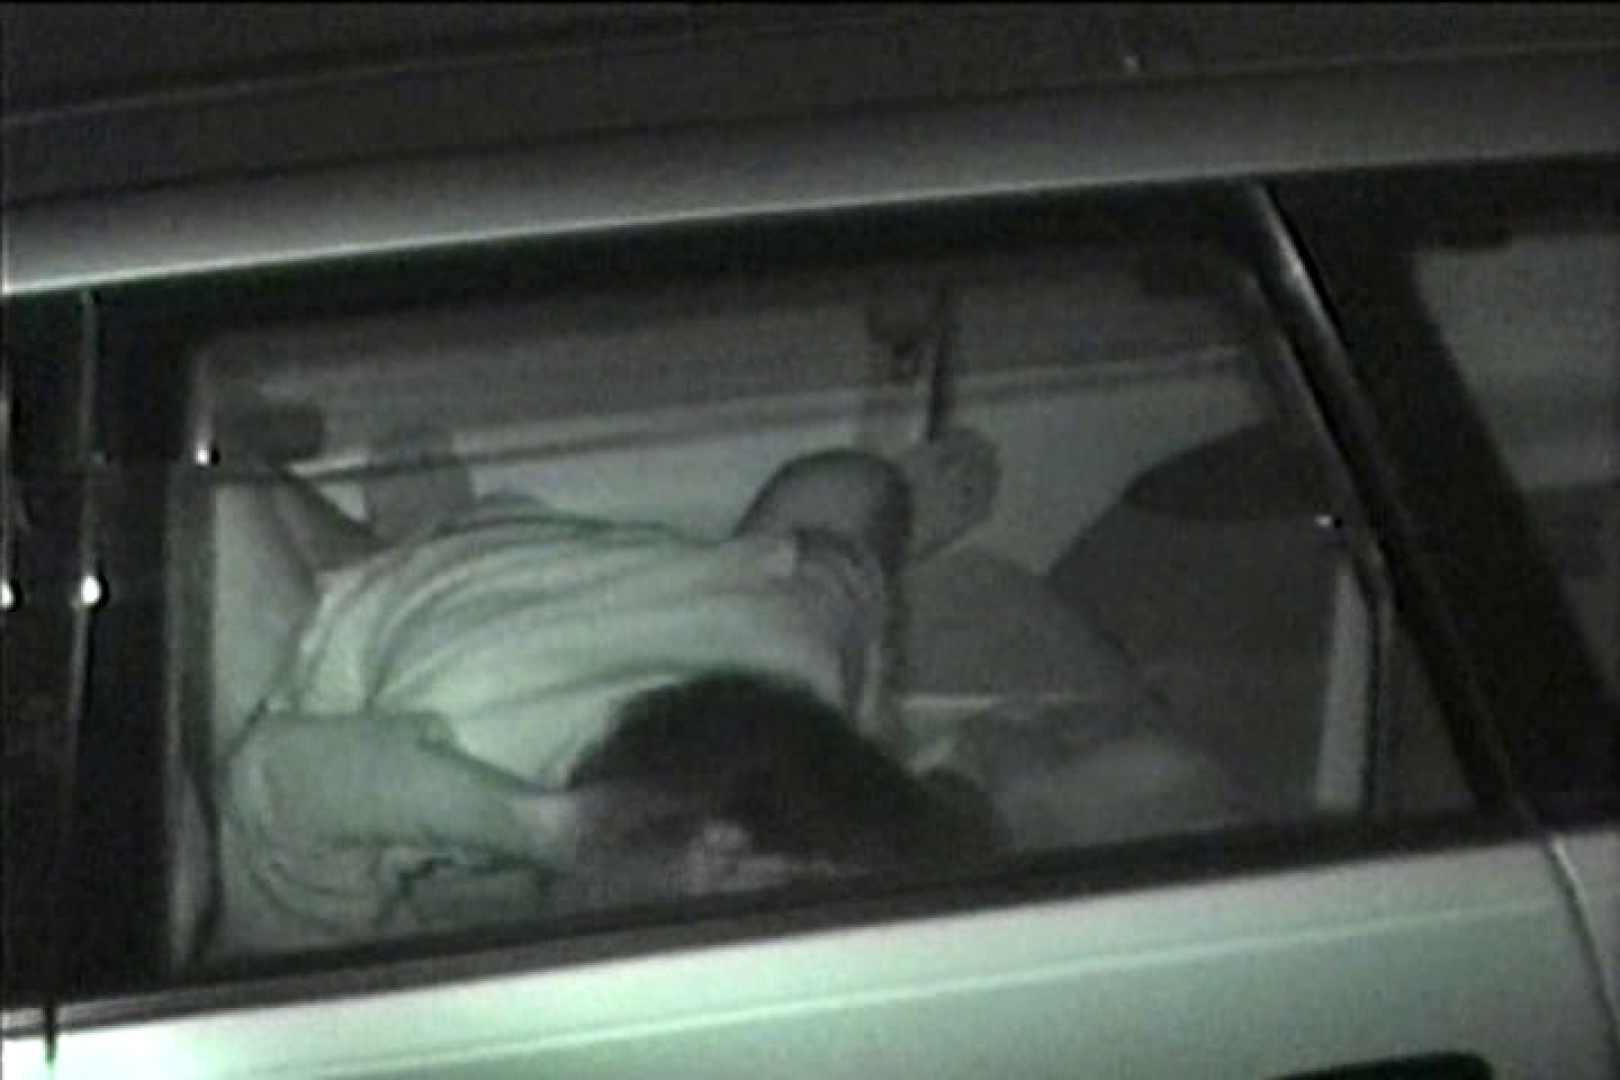 車の中はラブホテル 無修正版  Vol.7 ホテル隠し撮り セックス画像 84pic 61